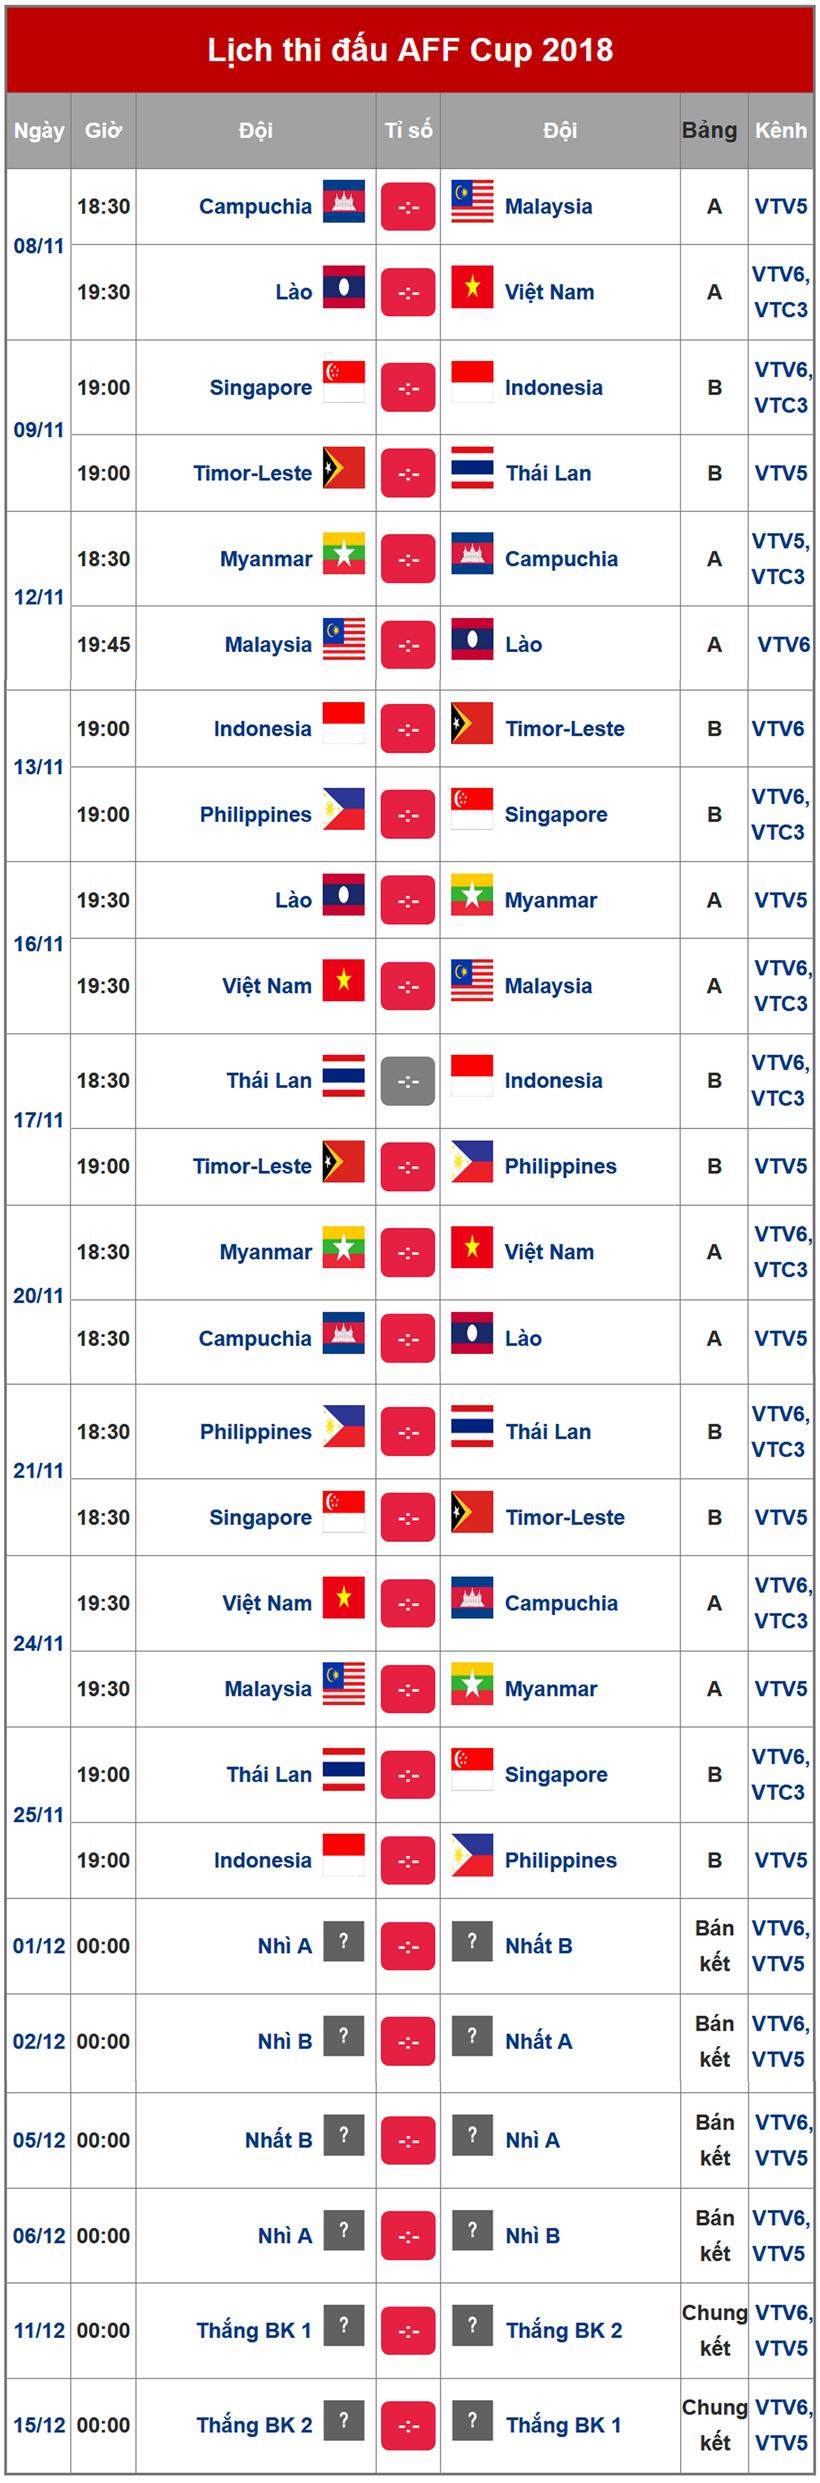 Lịch thi đấu AFF Cup 2018 và các đối thủ vòng bảng của tuyển Việt Nam Ảnh 2